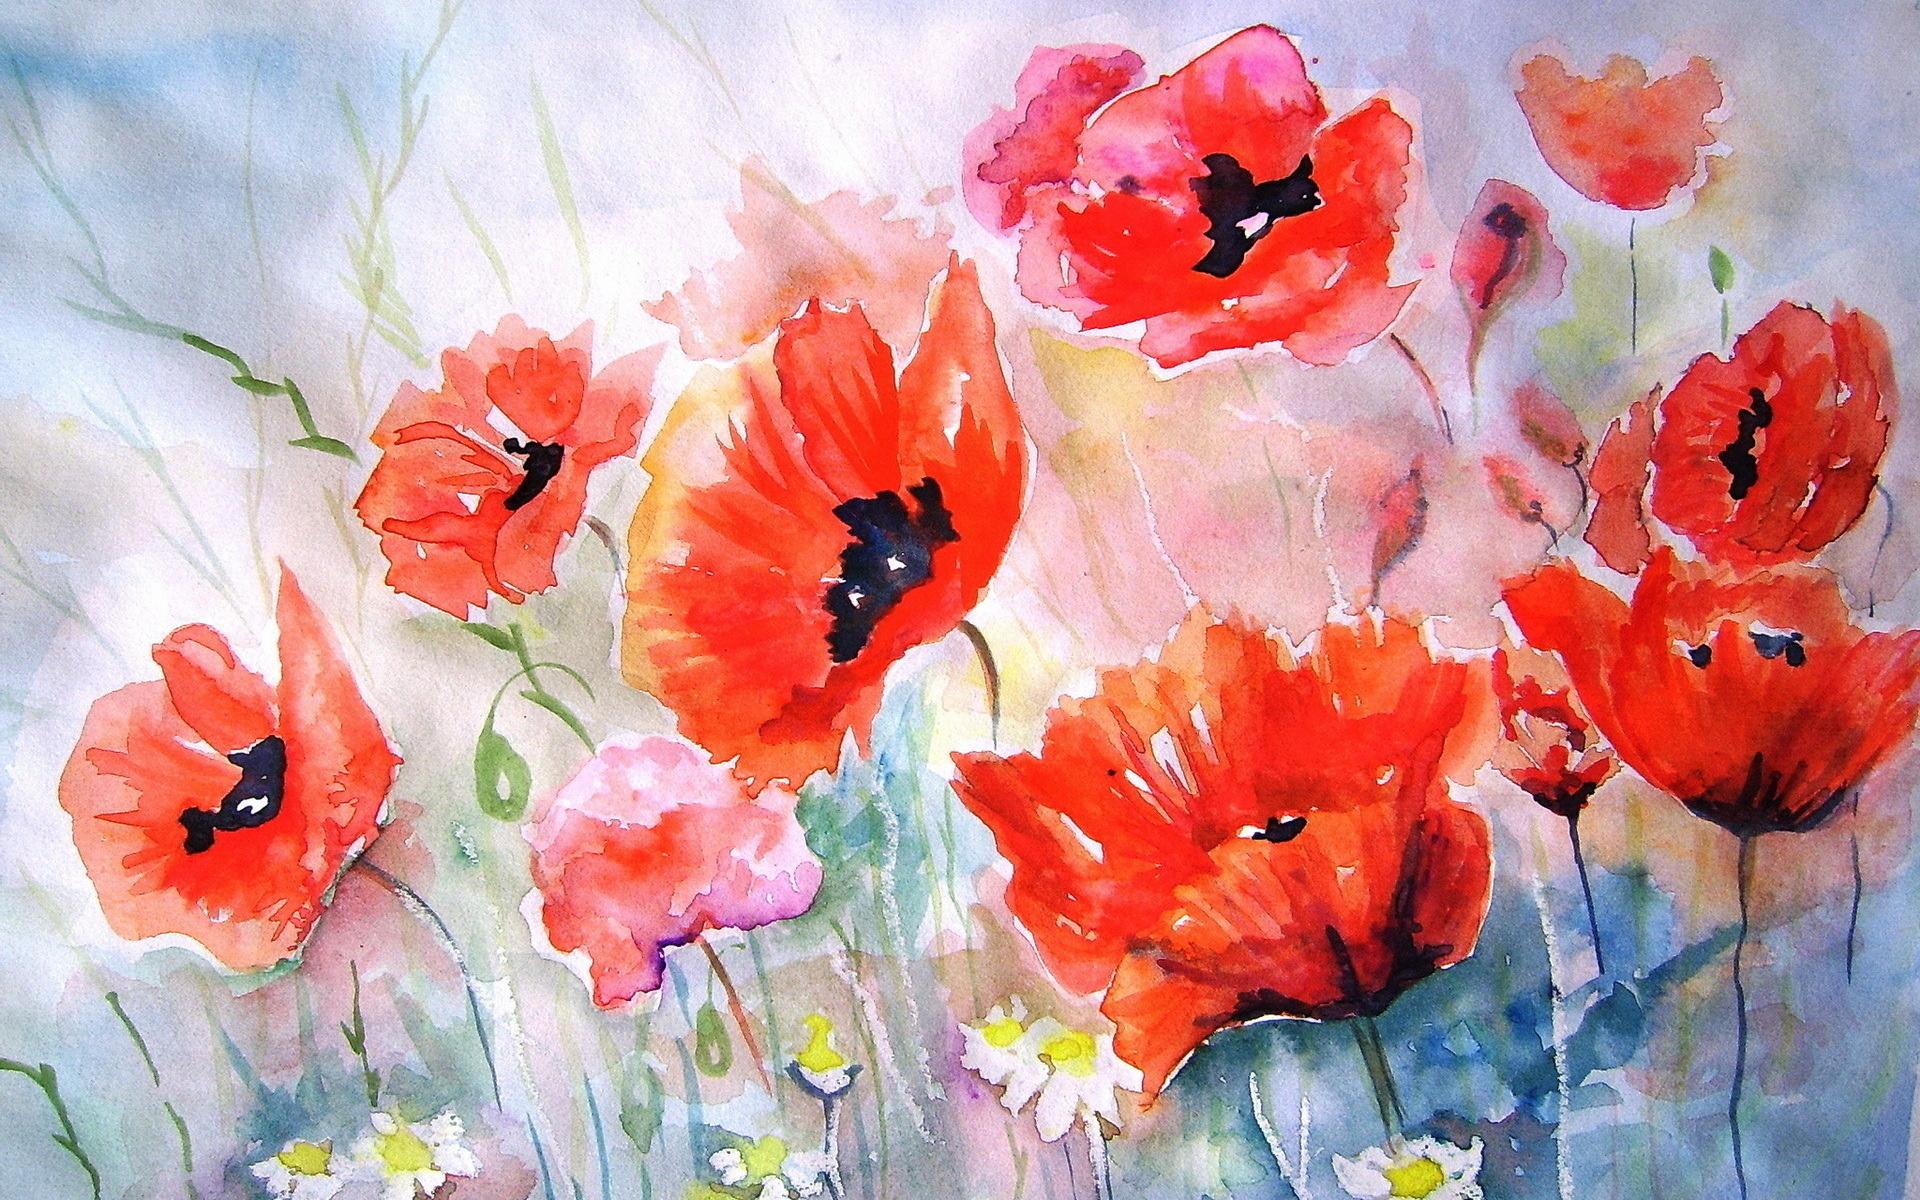 Цветы маки картинки нарисованные, своими